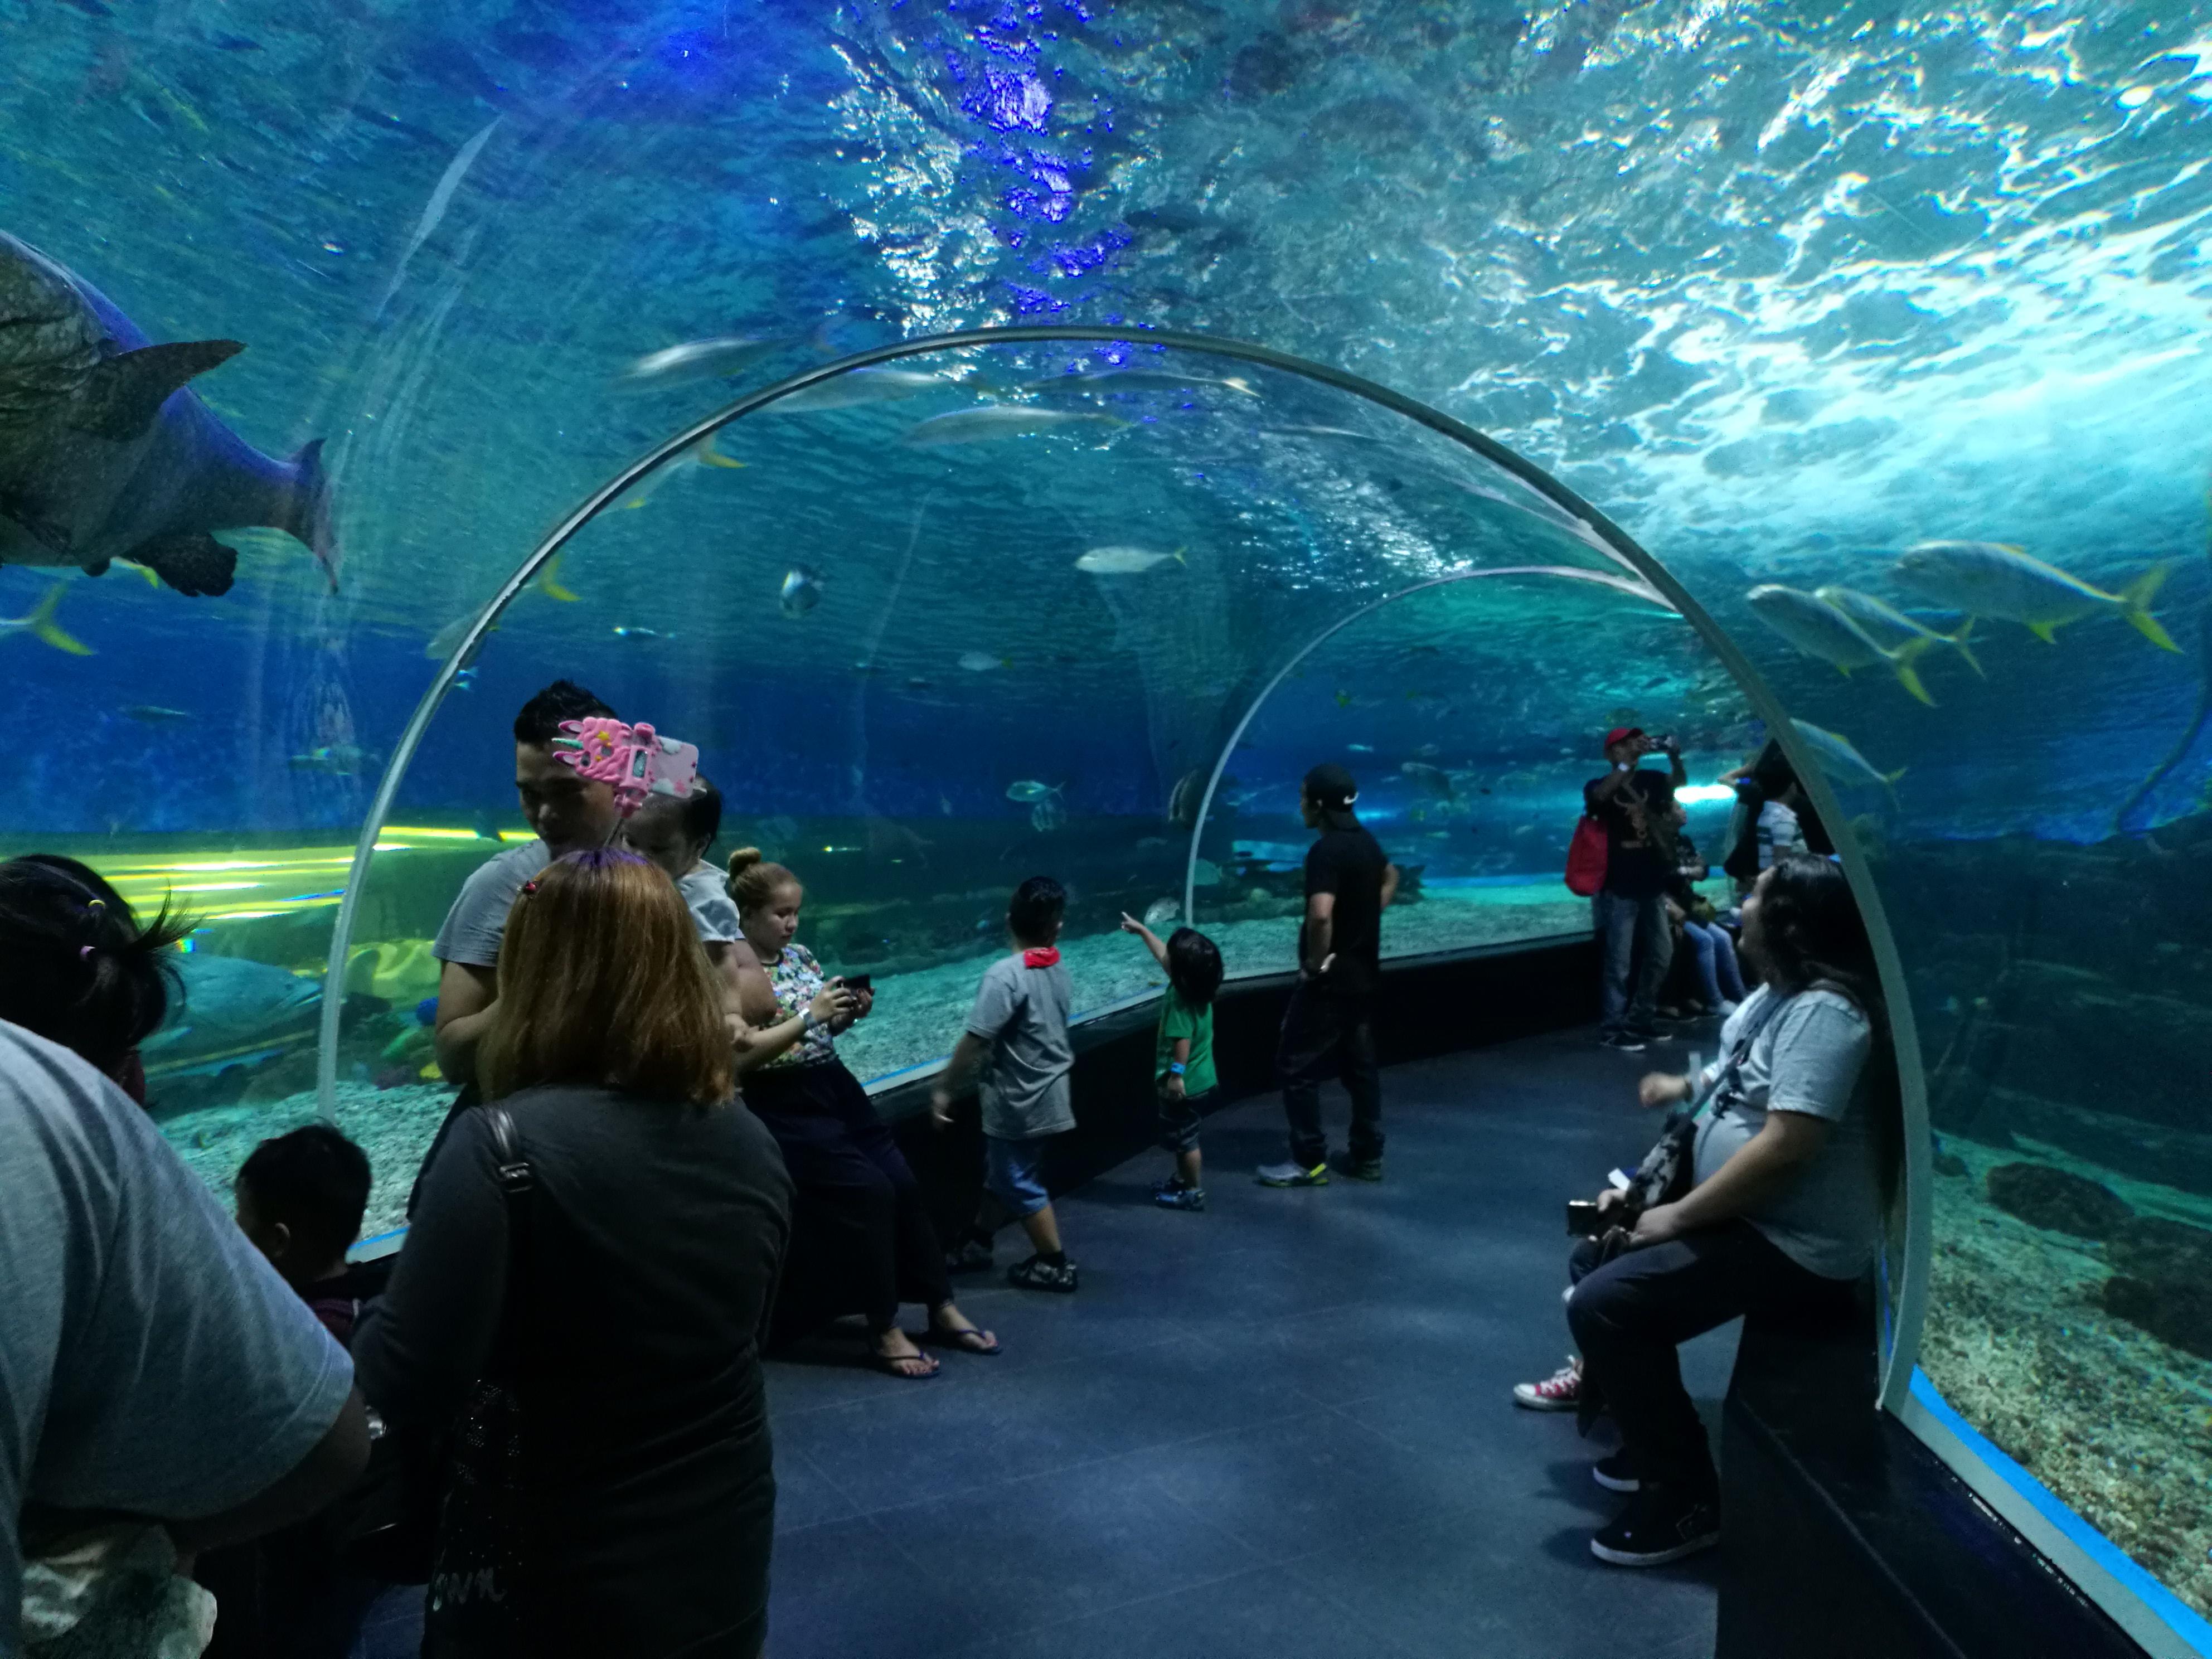 フィリピンの水族館「マニラ・オーシャンパーク」は日本の水族館と比べてどうなのか?